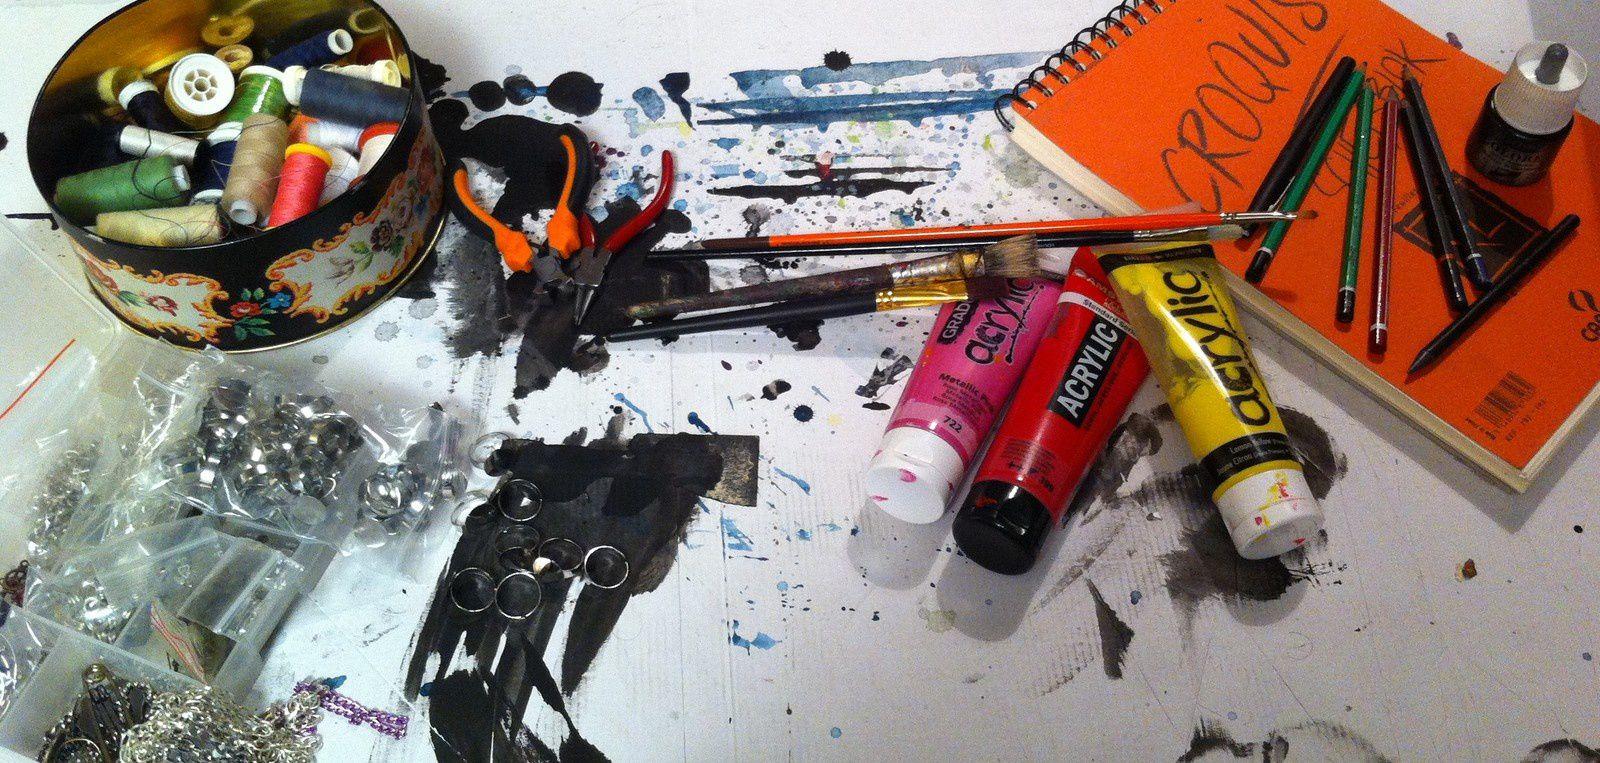 APREM' CRÉATIF ENTRE ARTISTES ! #11 - Mercredi 11 Septembre 2014 à partir de 14h00 ...